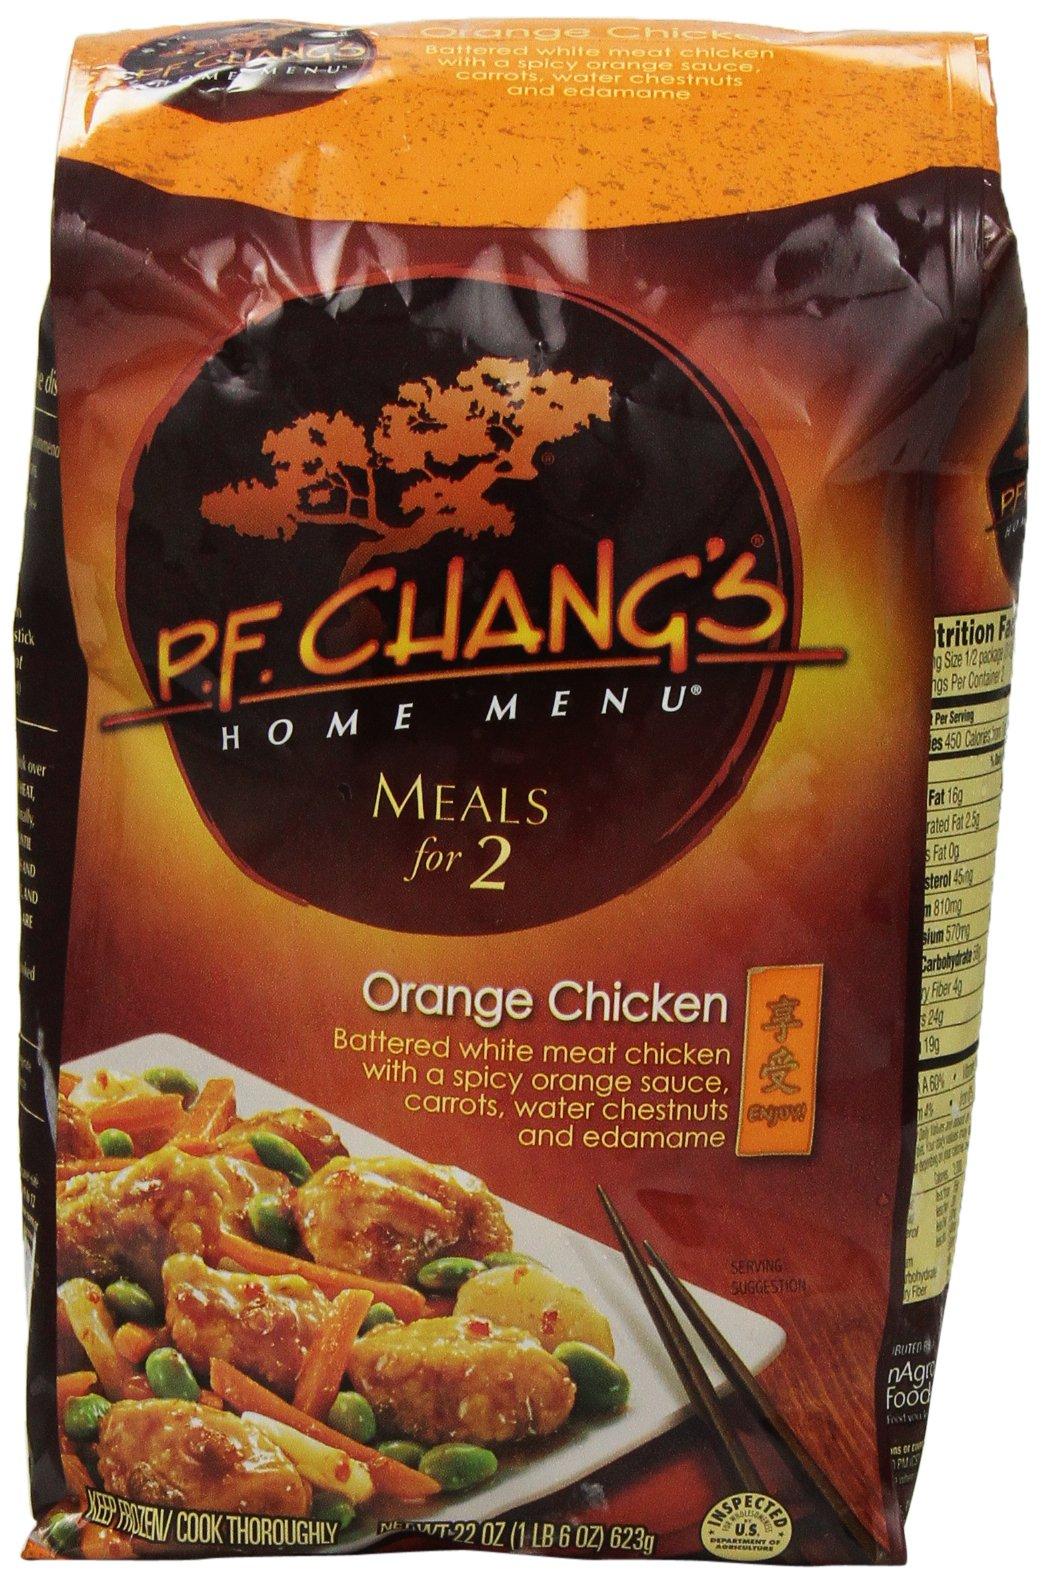 PF Chang